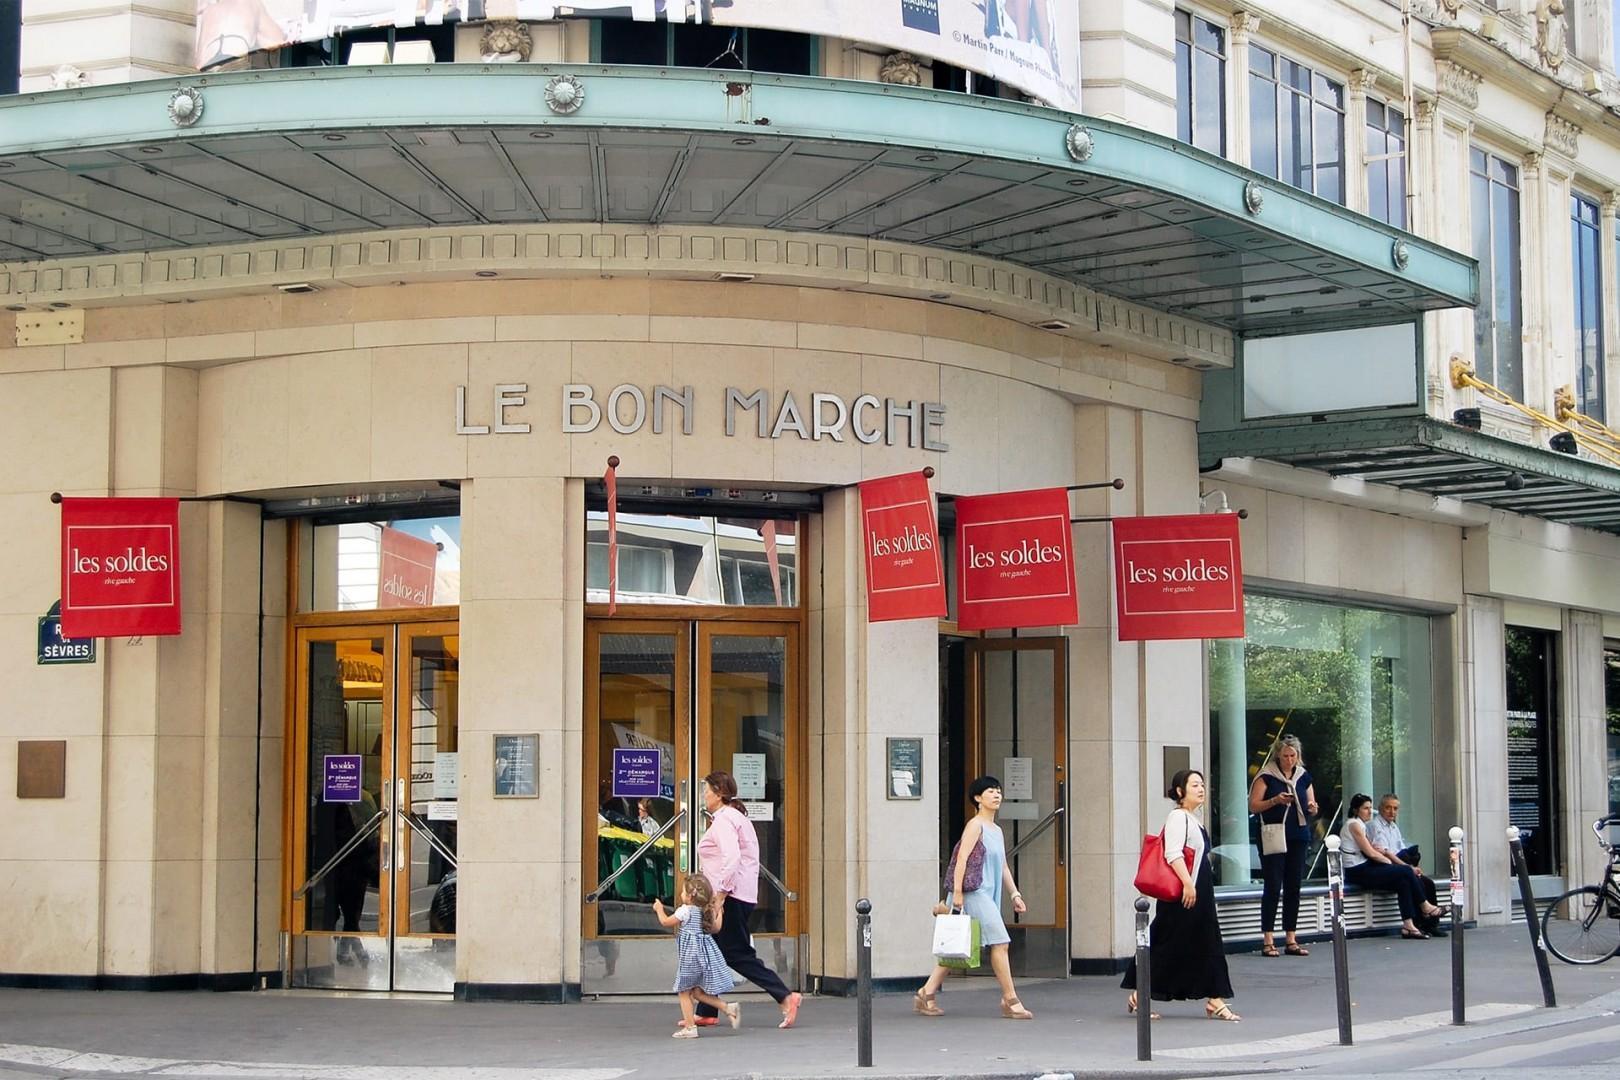 18-18-bon-marche-department-store-paris-entrance